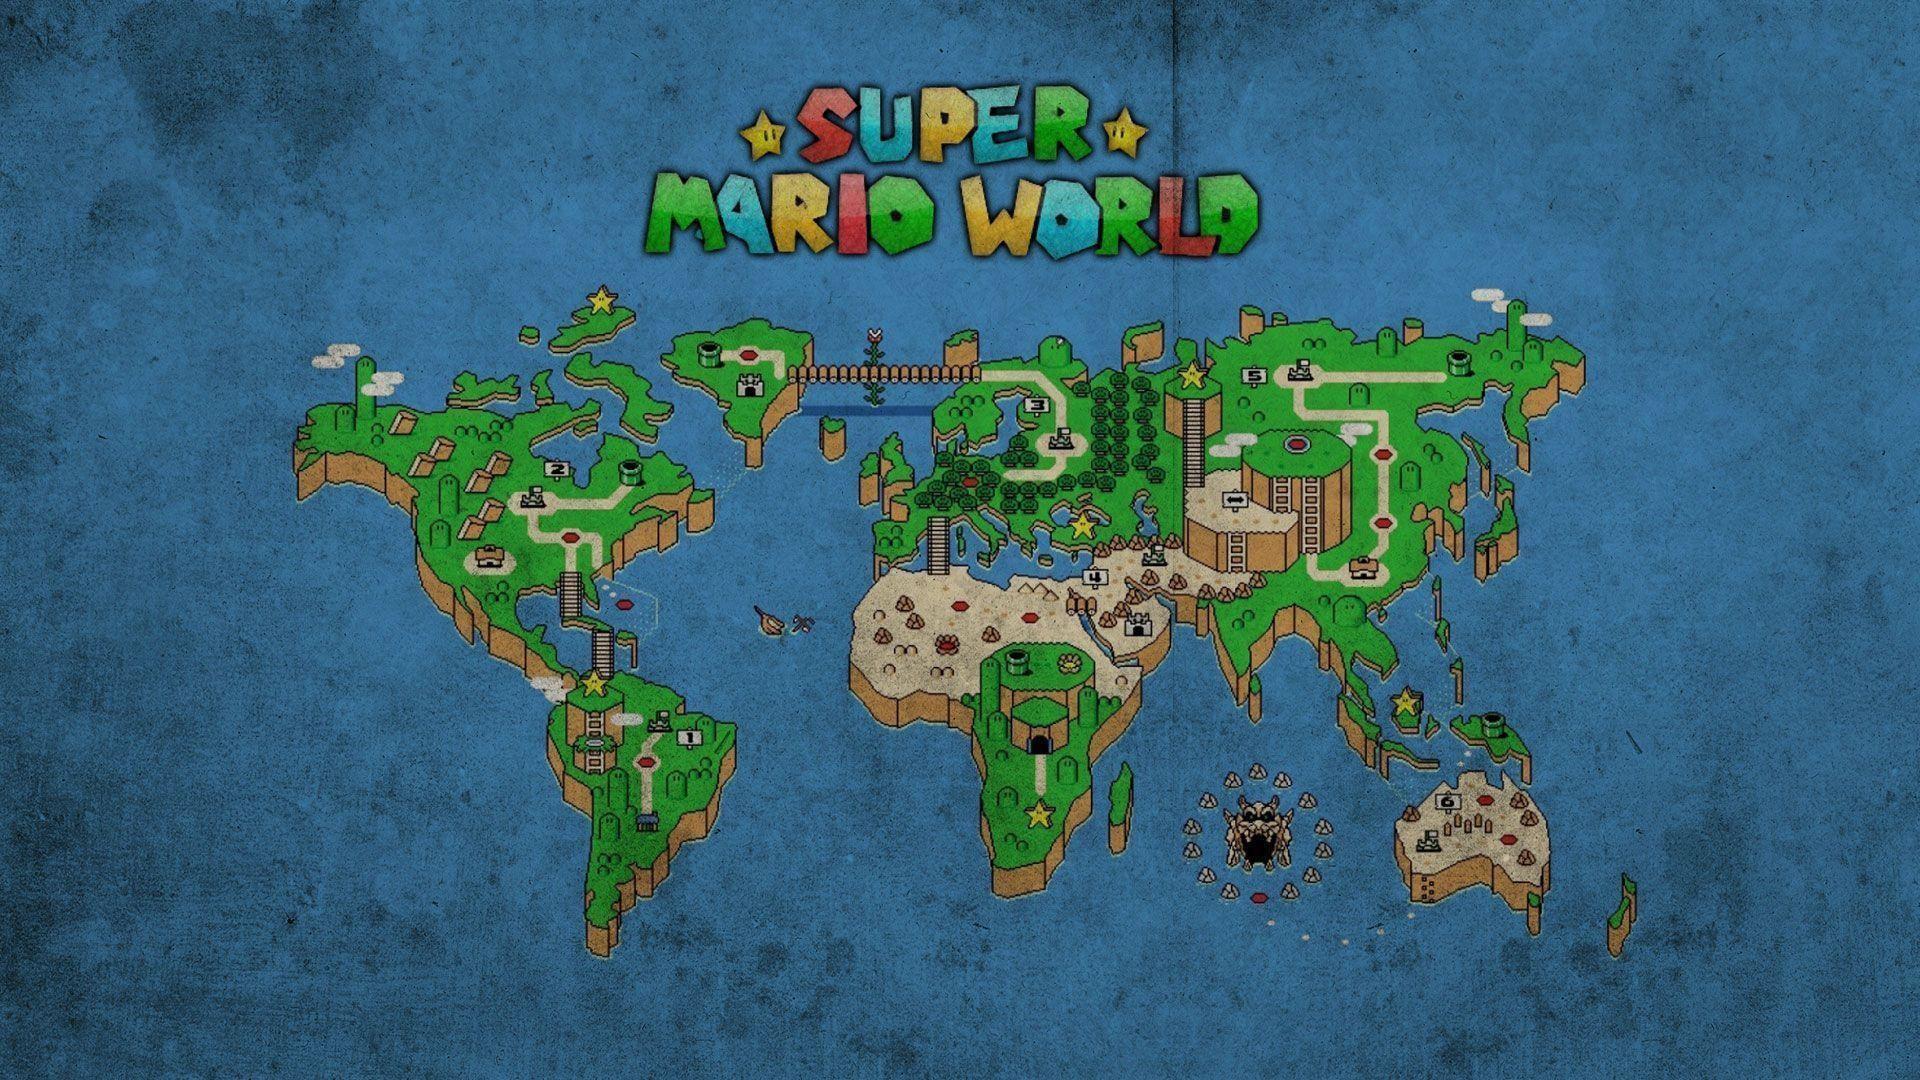 Fonds d'écran Super Mario World : tous les wallpapers Super Mario .